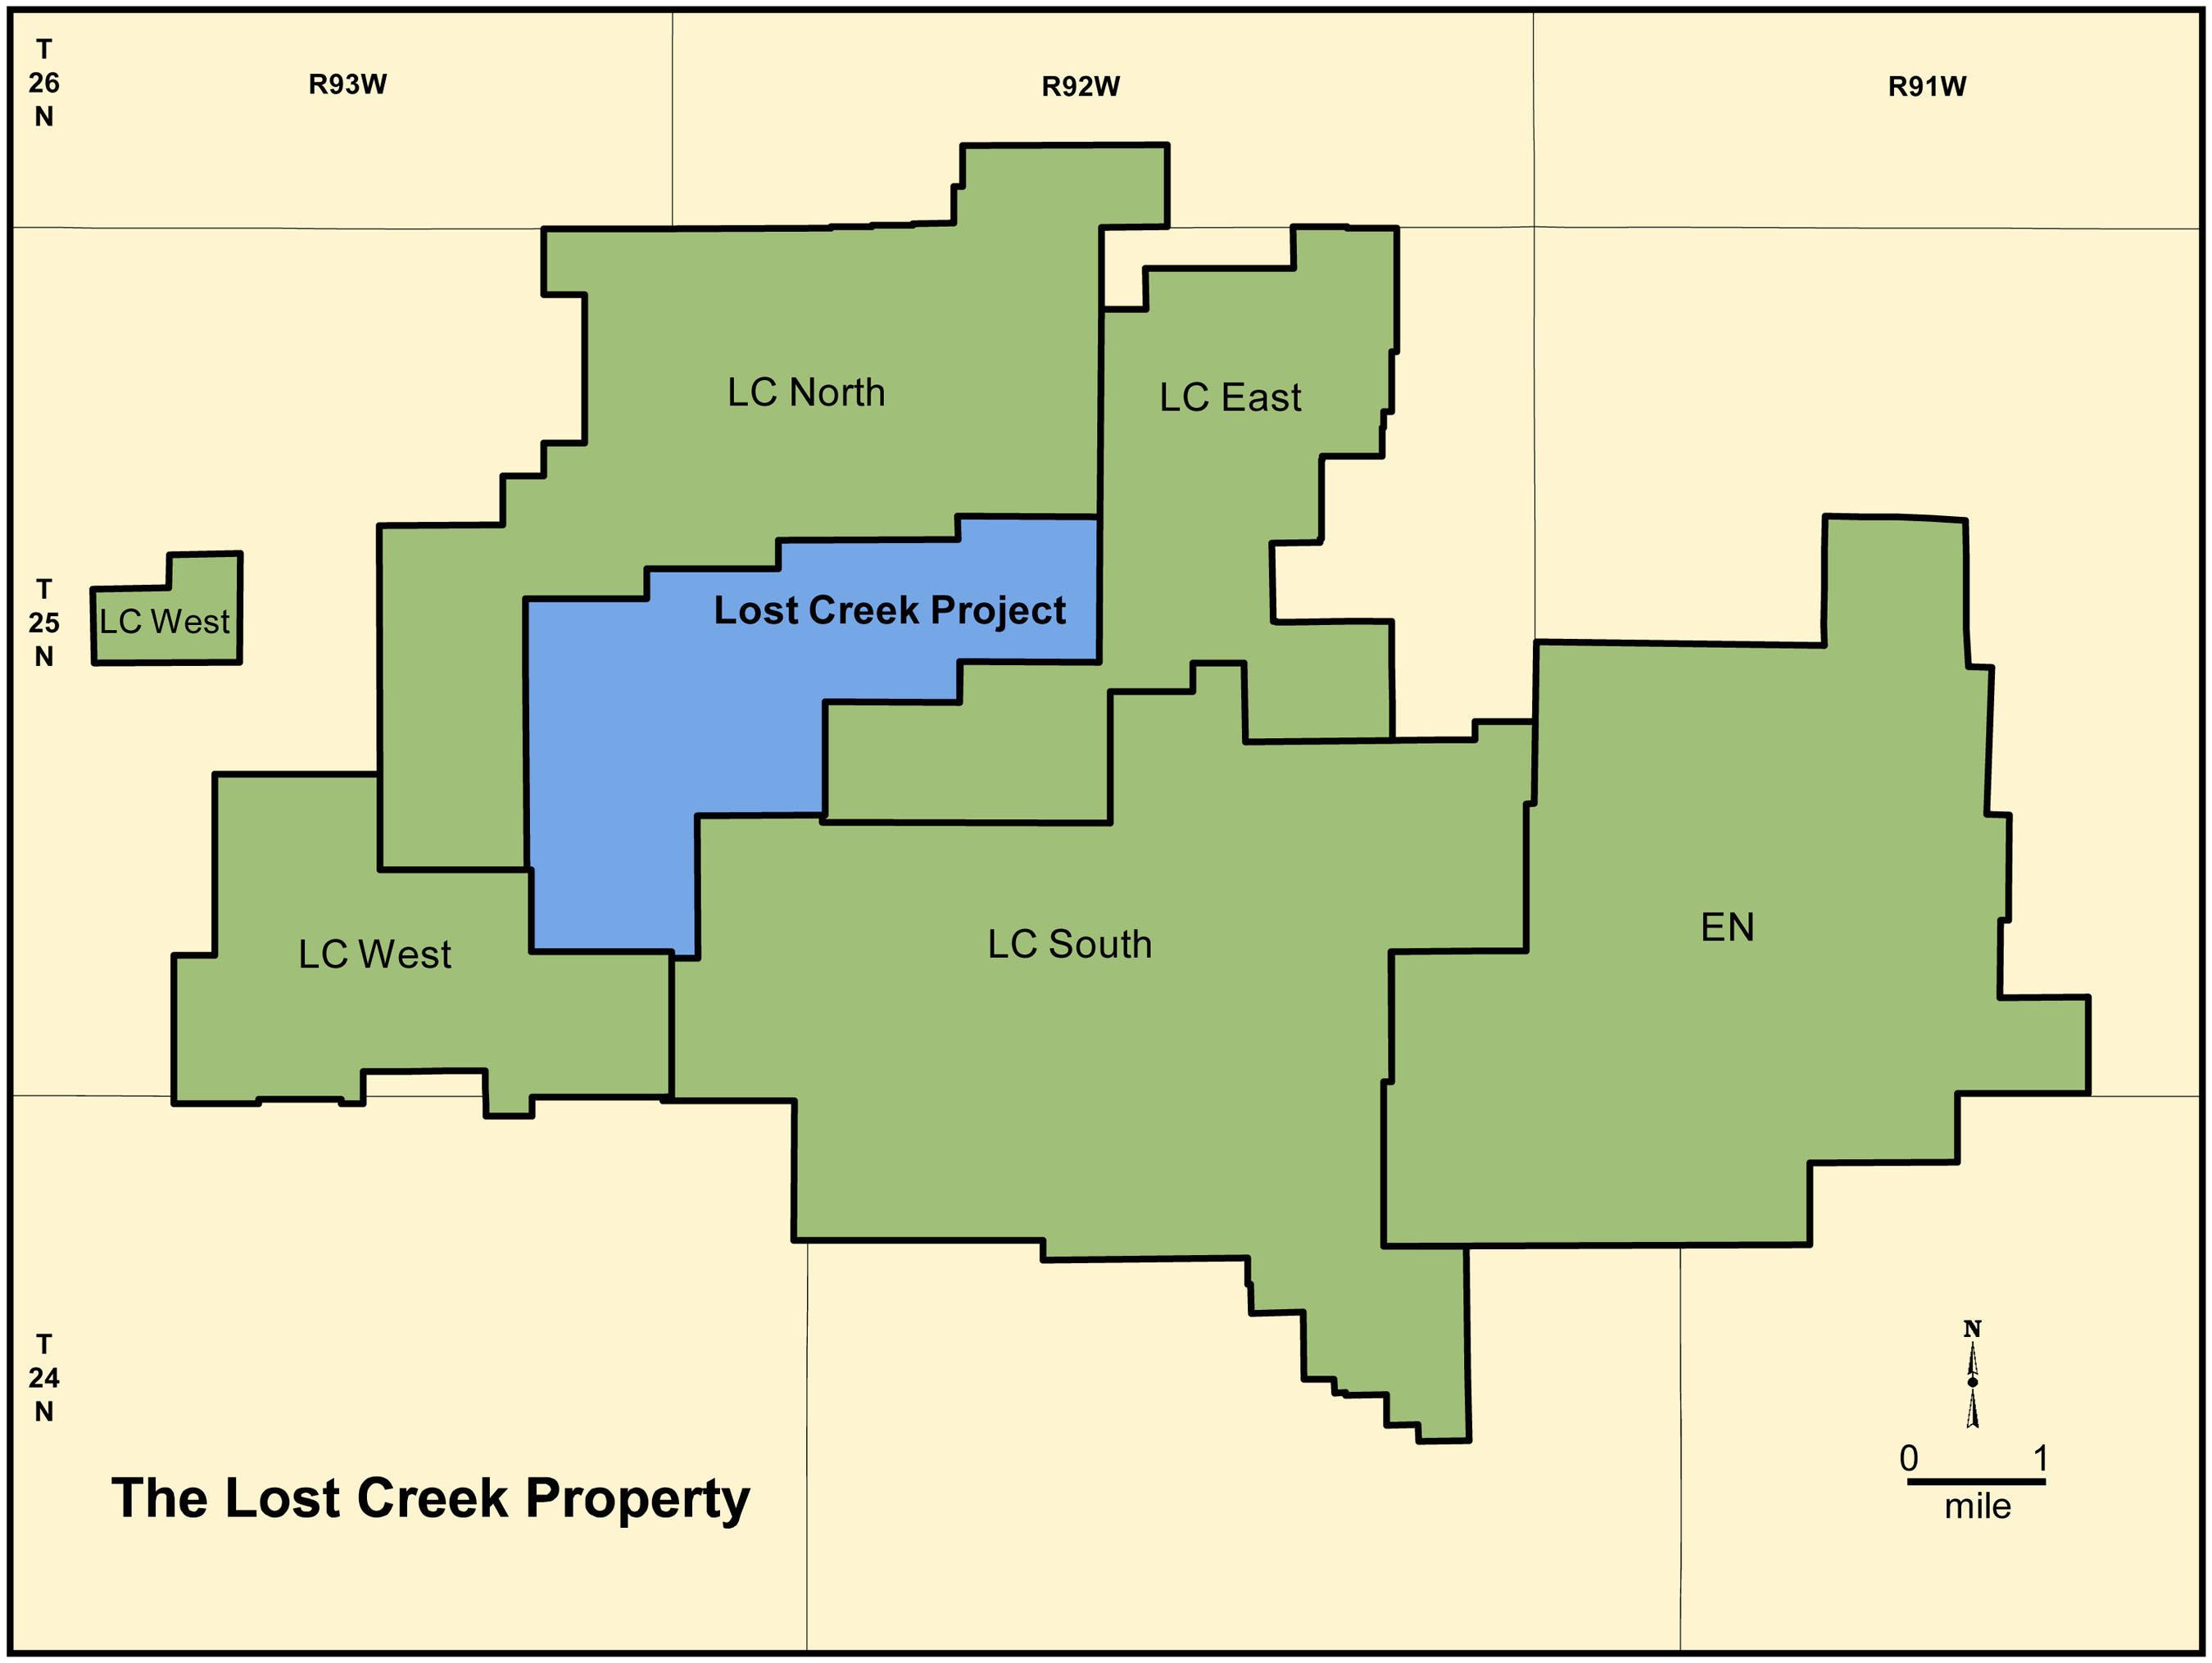 Ur-Energy's Lost Creek Property in Wyoming. (PRNewsFoto/Ur-Energy Inc.) (PRNewsFoto/UR-ENERGY INC.)